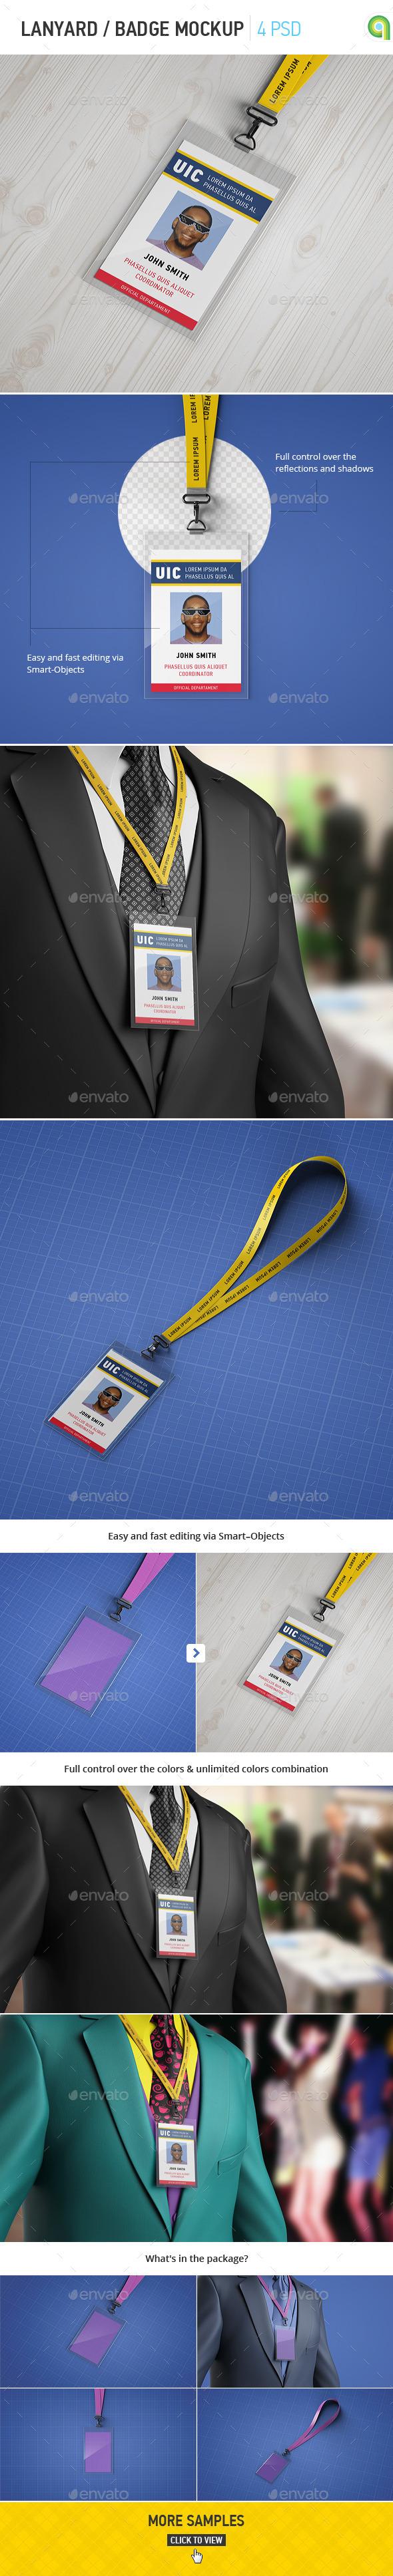 Lanyard / Badge Mockup - Stationery Print